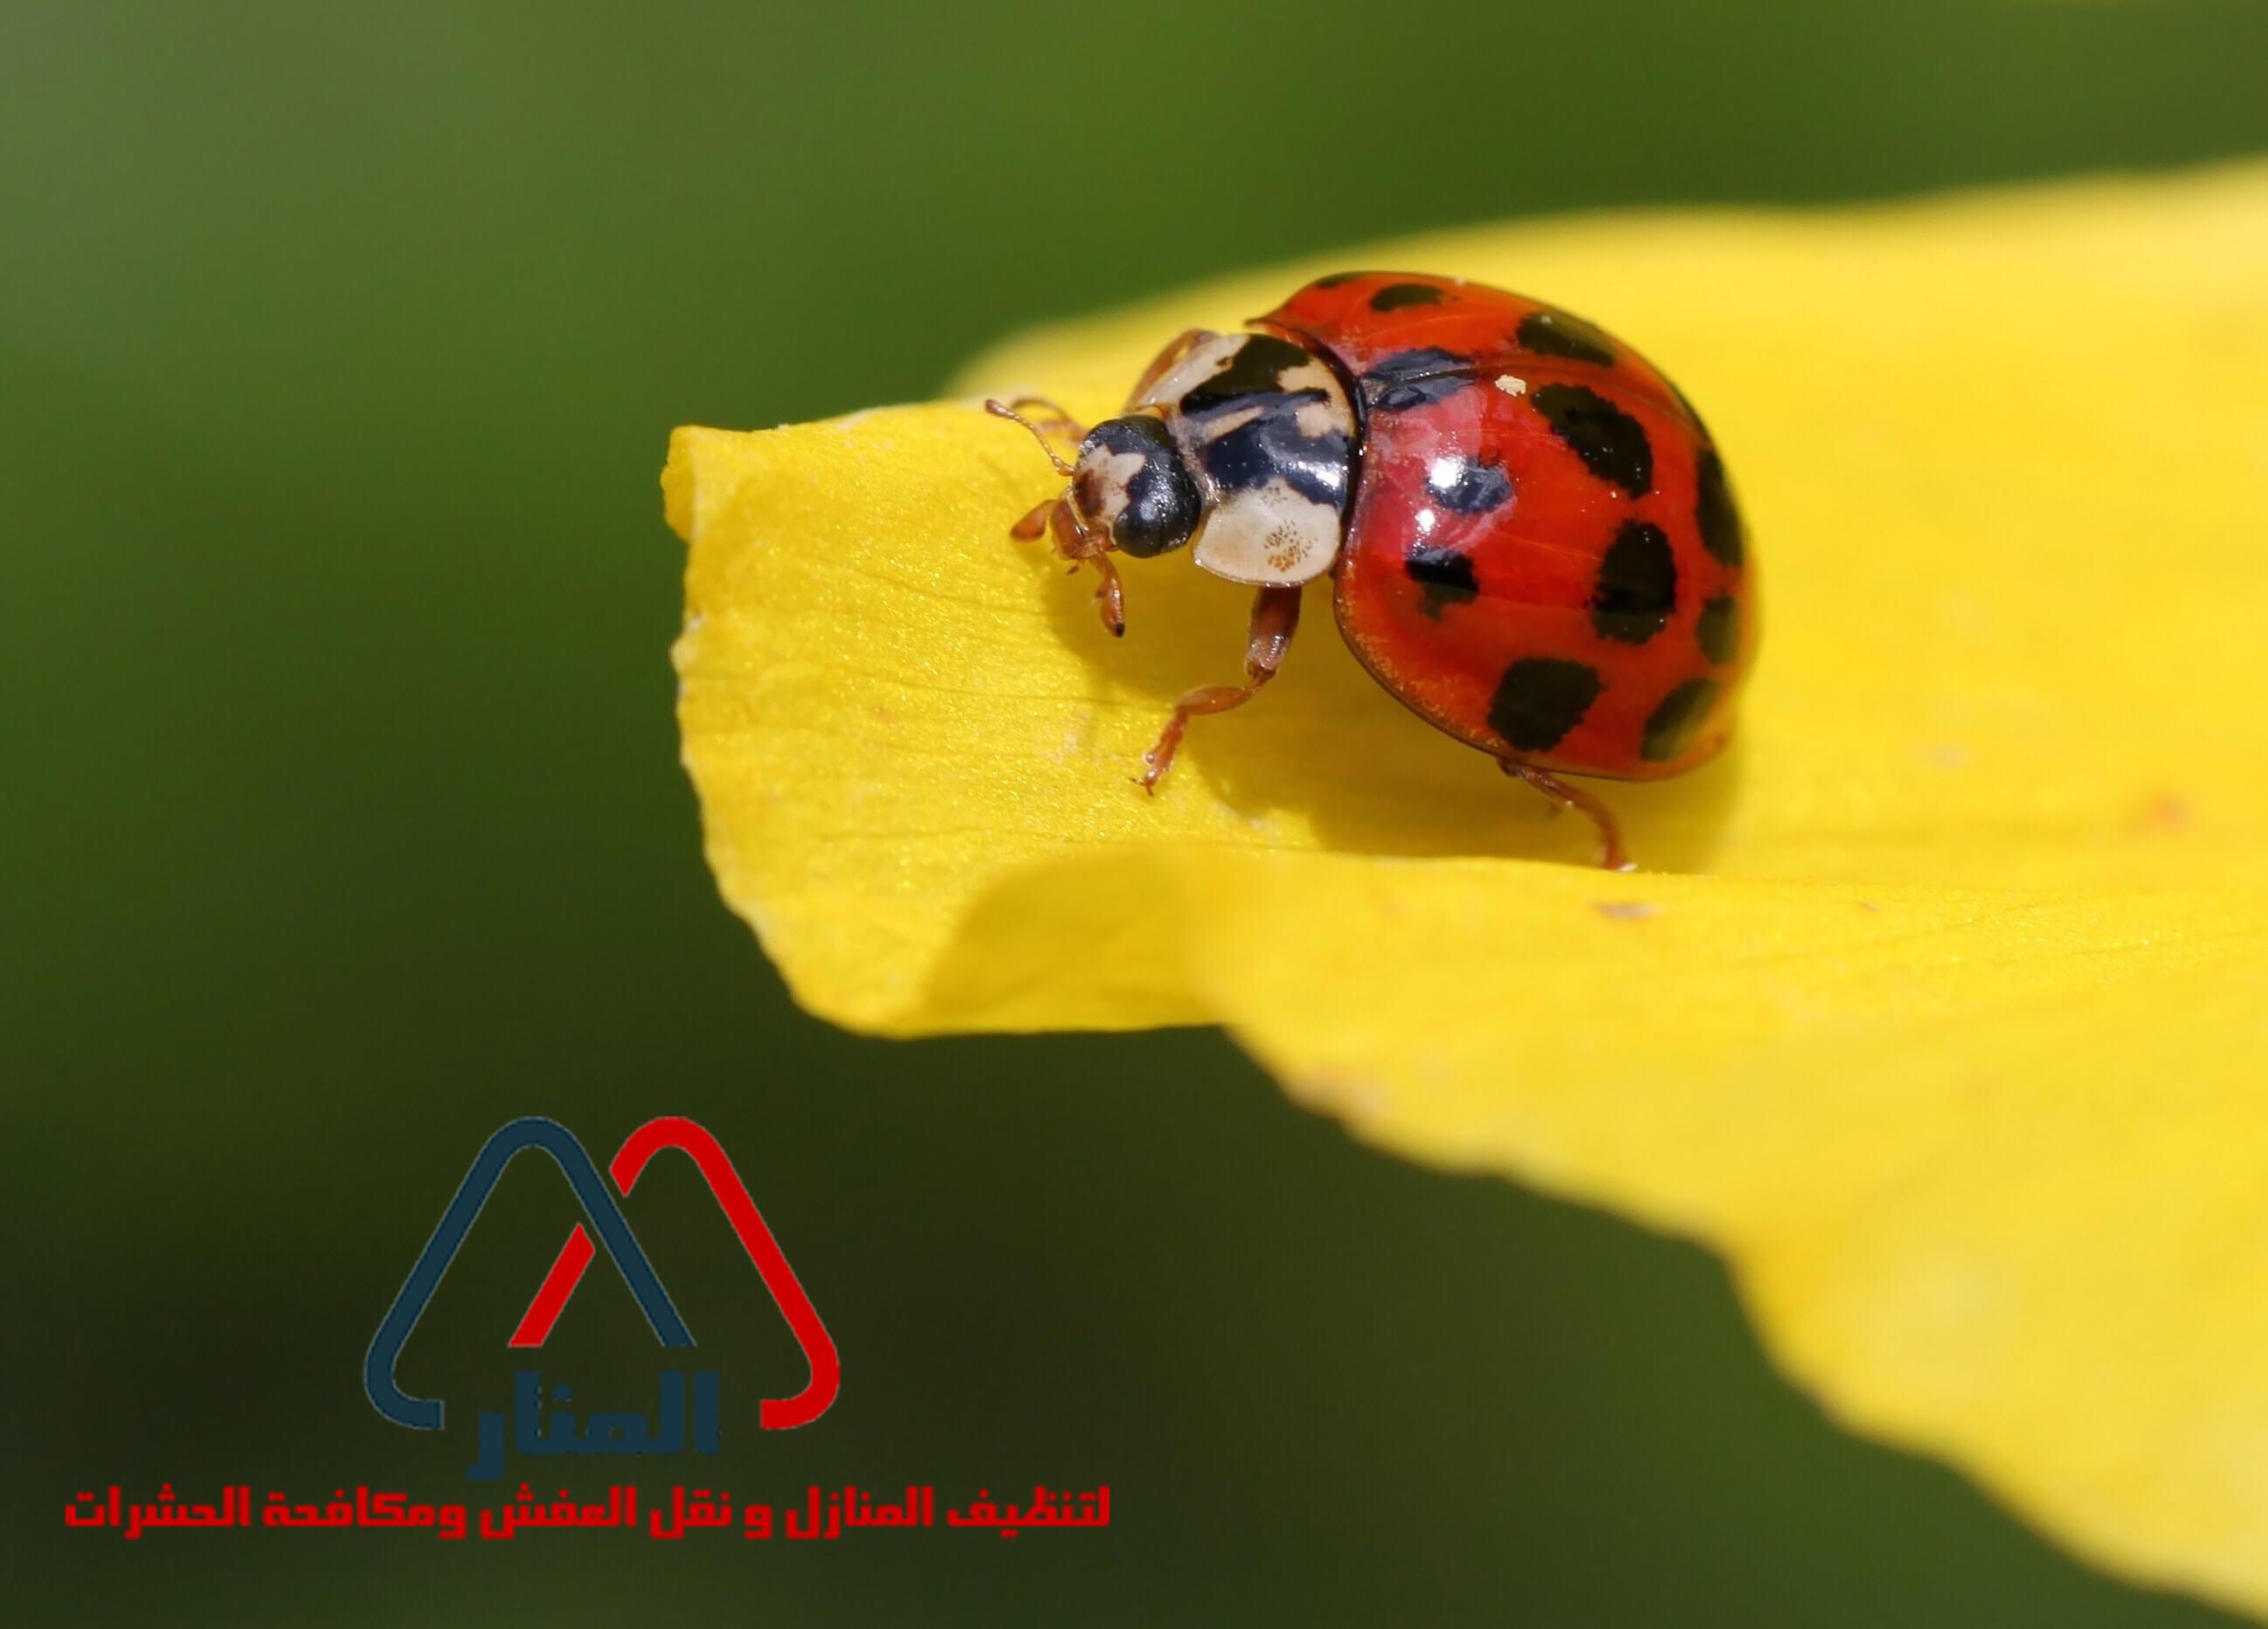 طرق الوقاية من حشرة المن